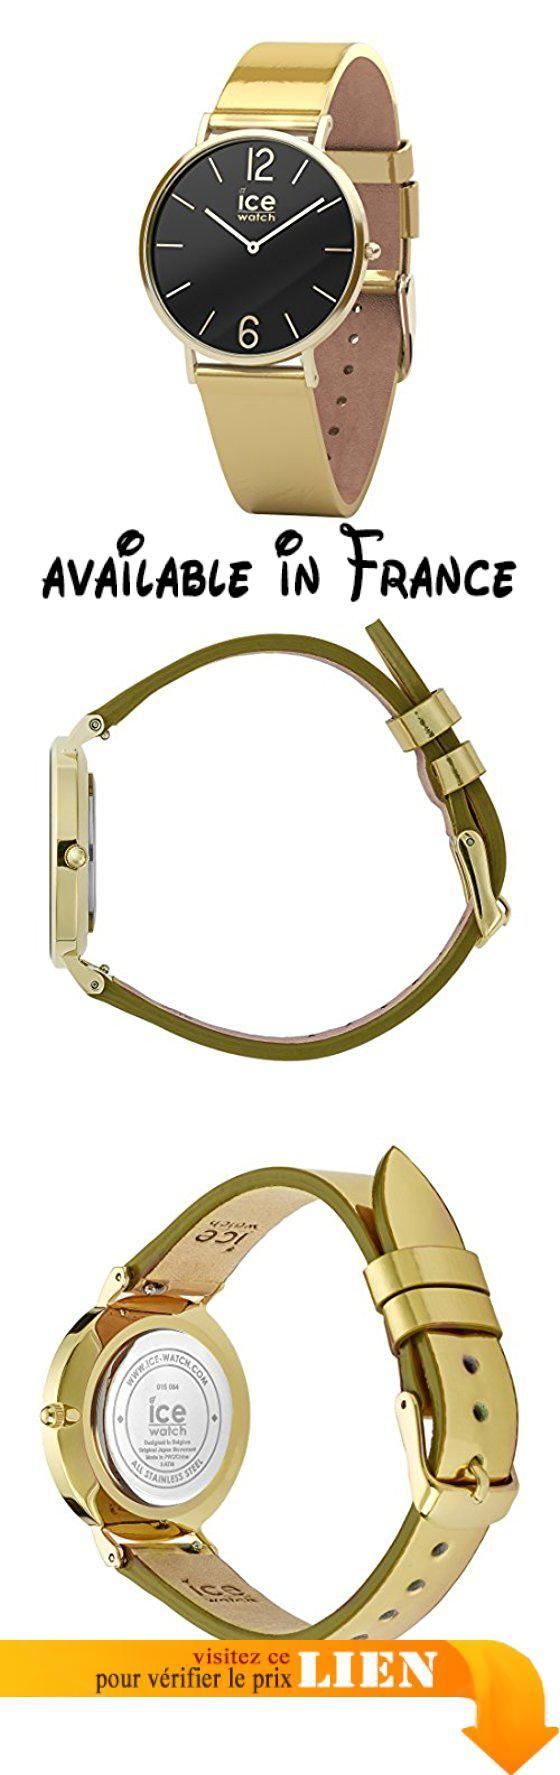 B078CQH3MP : Ice-Watch - CITY sparkling - Metal Gold - Montre dorée pour femme avec bracelet en cuir - 015084 (Extra Small). Garantie: 2 ans. ETANCHEITE :3 ATM. Taille: femmes - montre bracelet. CONTIENT : Montre Boite de présentation Instructions. COLLECTION : CITY sparkling - Metal